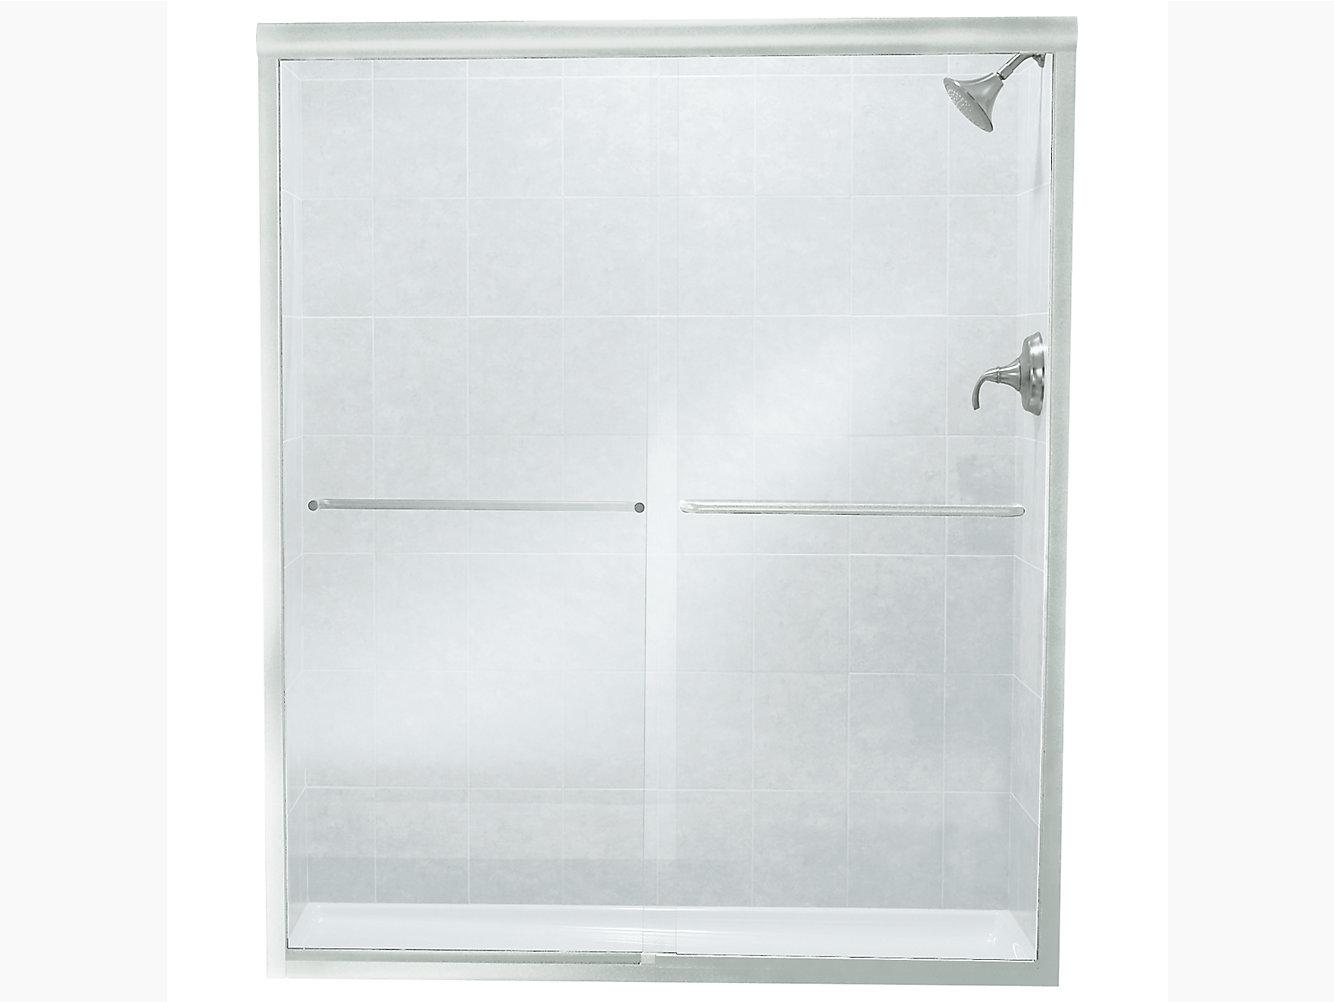 Finesse Frameless Sliding Shower Door 5257 W X 70 116 H